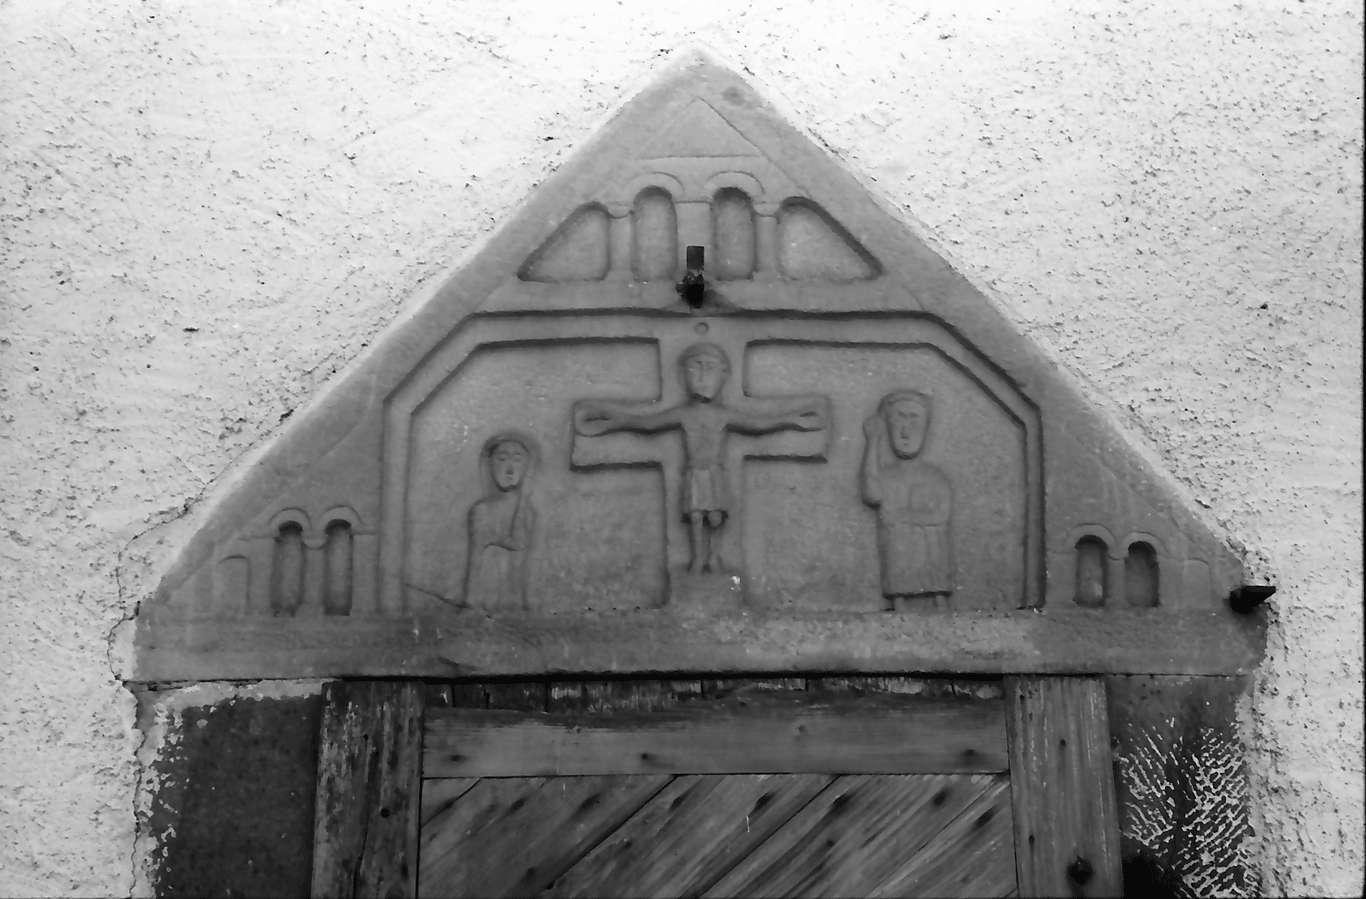 Hausach: Hausach Dorf; Kirche, Tympanon über der Eingangstür, Bild 1